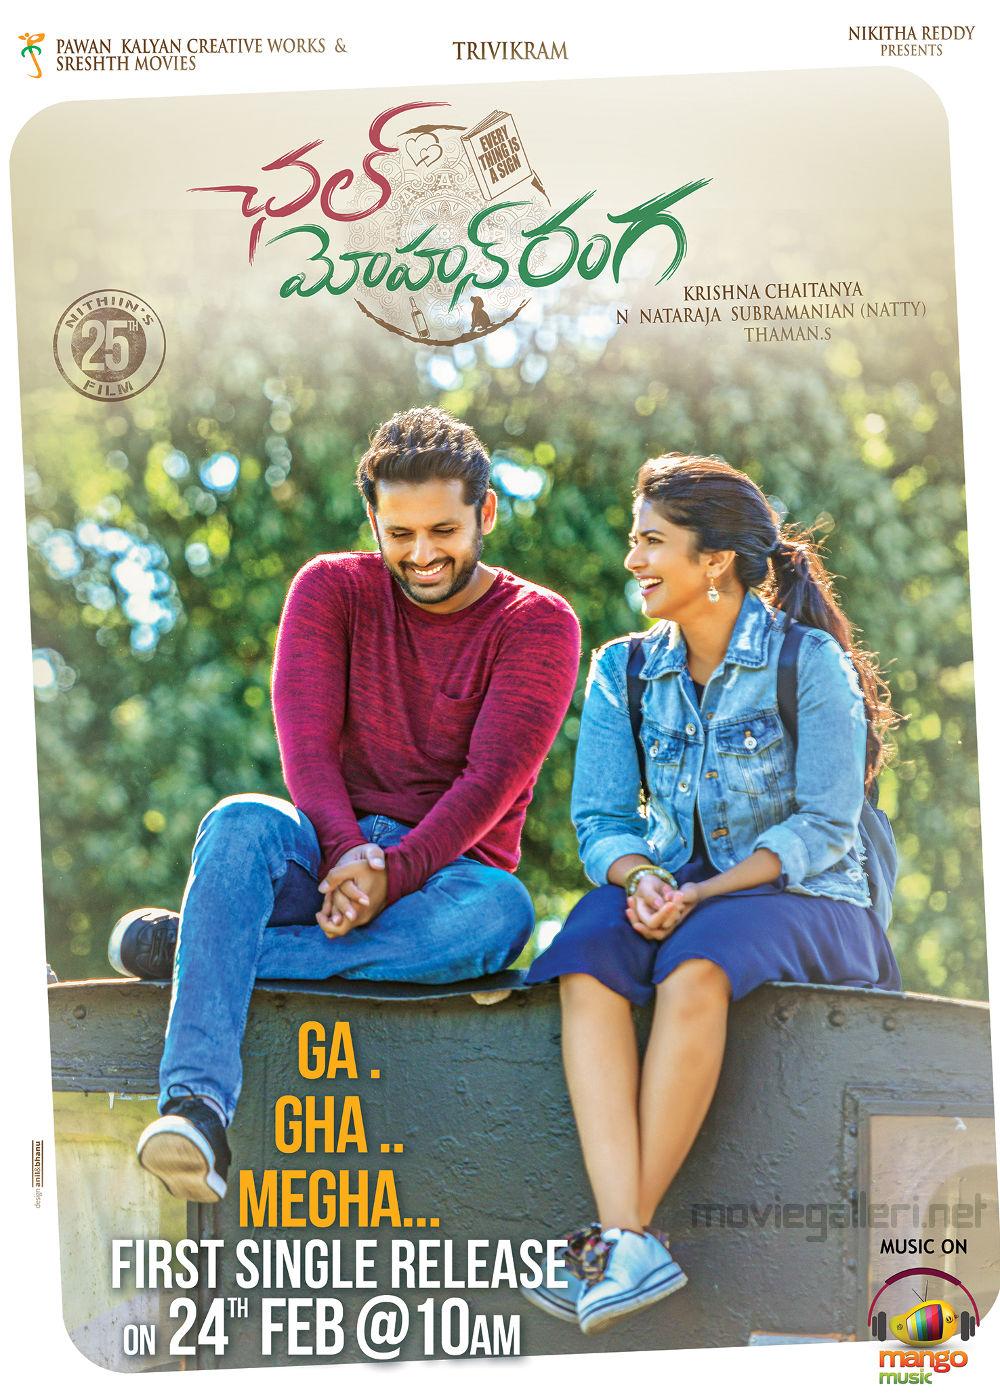 Nithin Megha Akash Chal Mohan Ranga Movie Ga Gha Megha First Single Release Posters